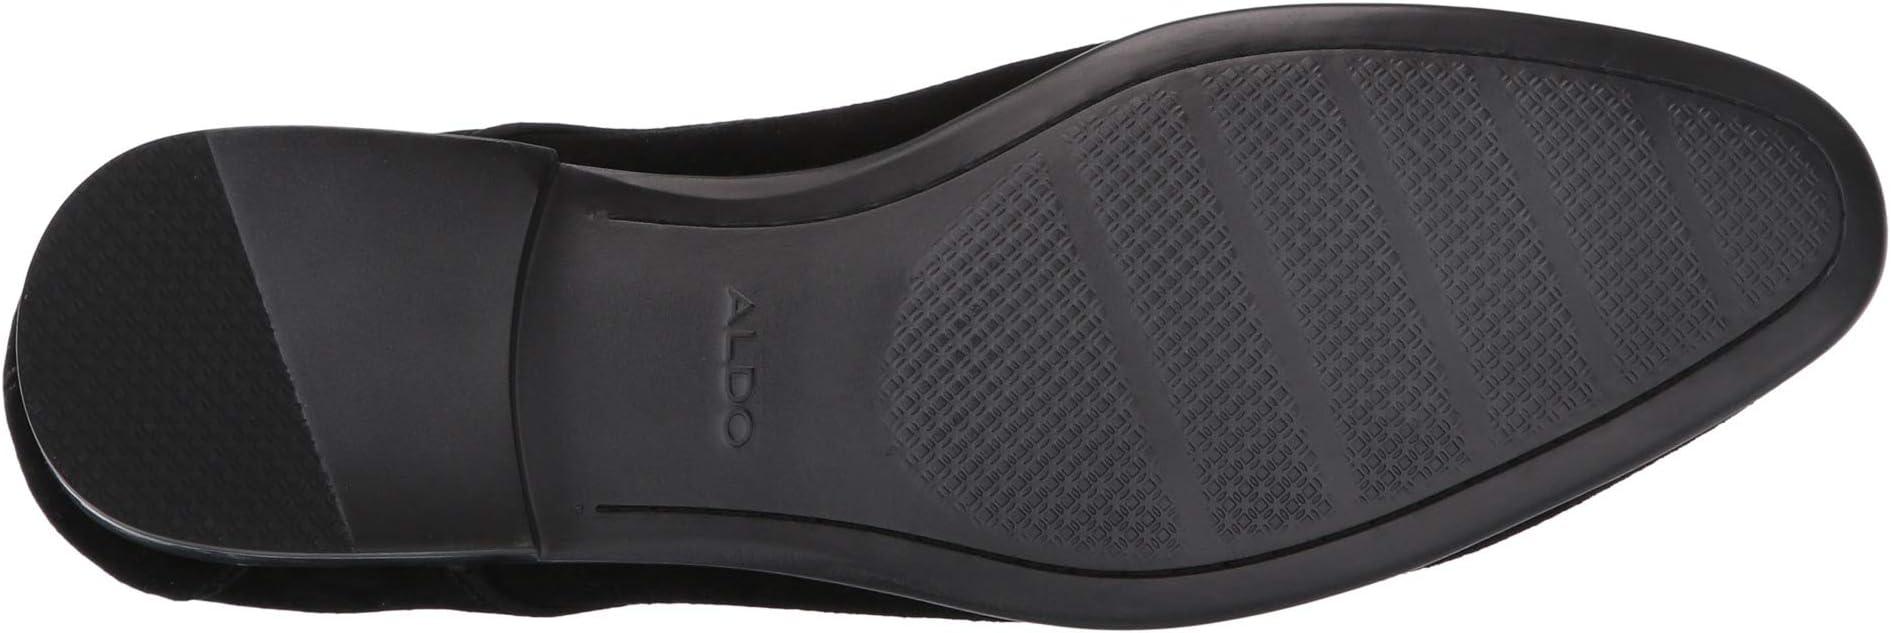 ALDO Guaran   Men's shoes   2020 Newest